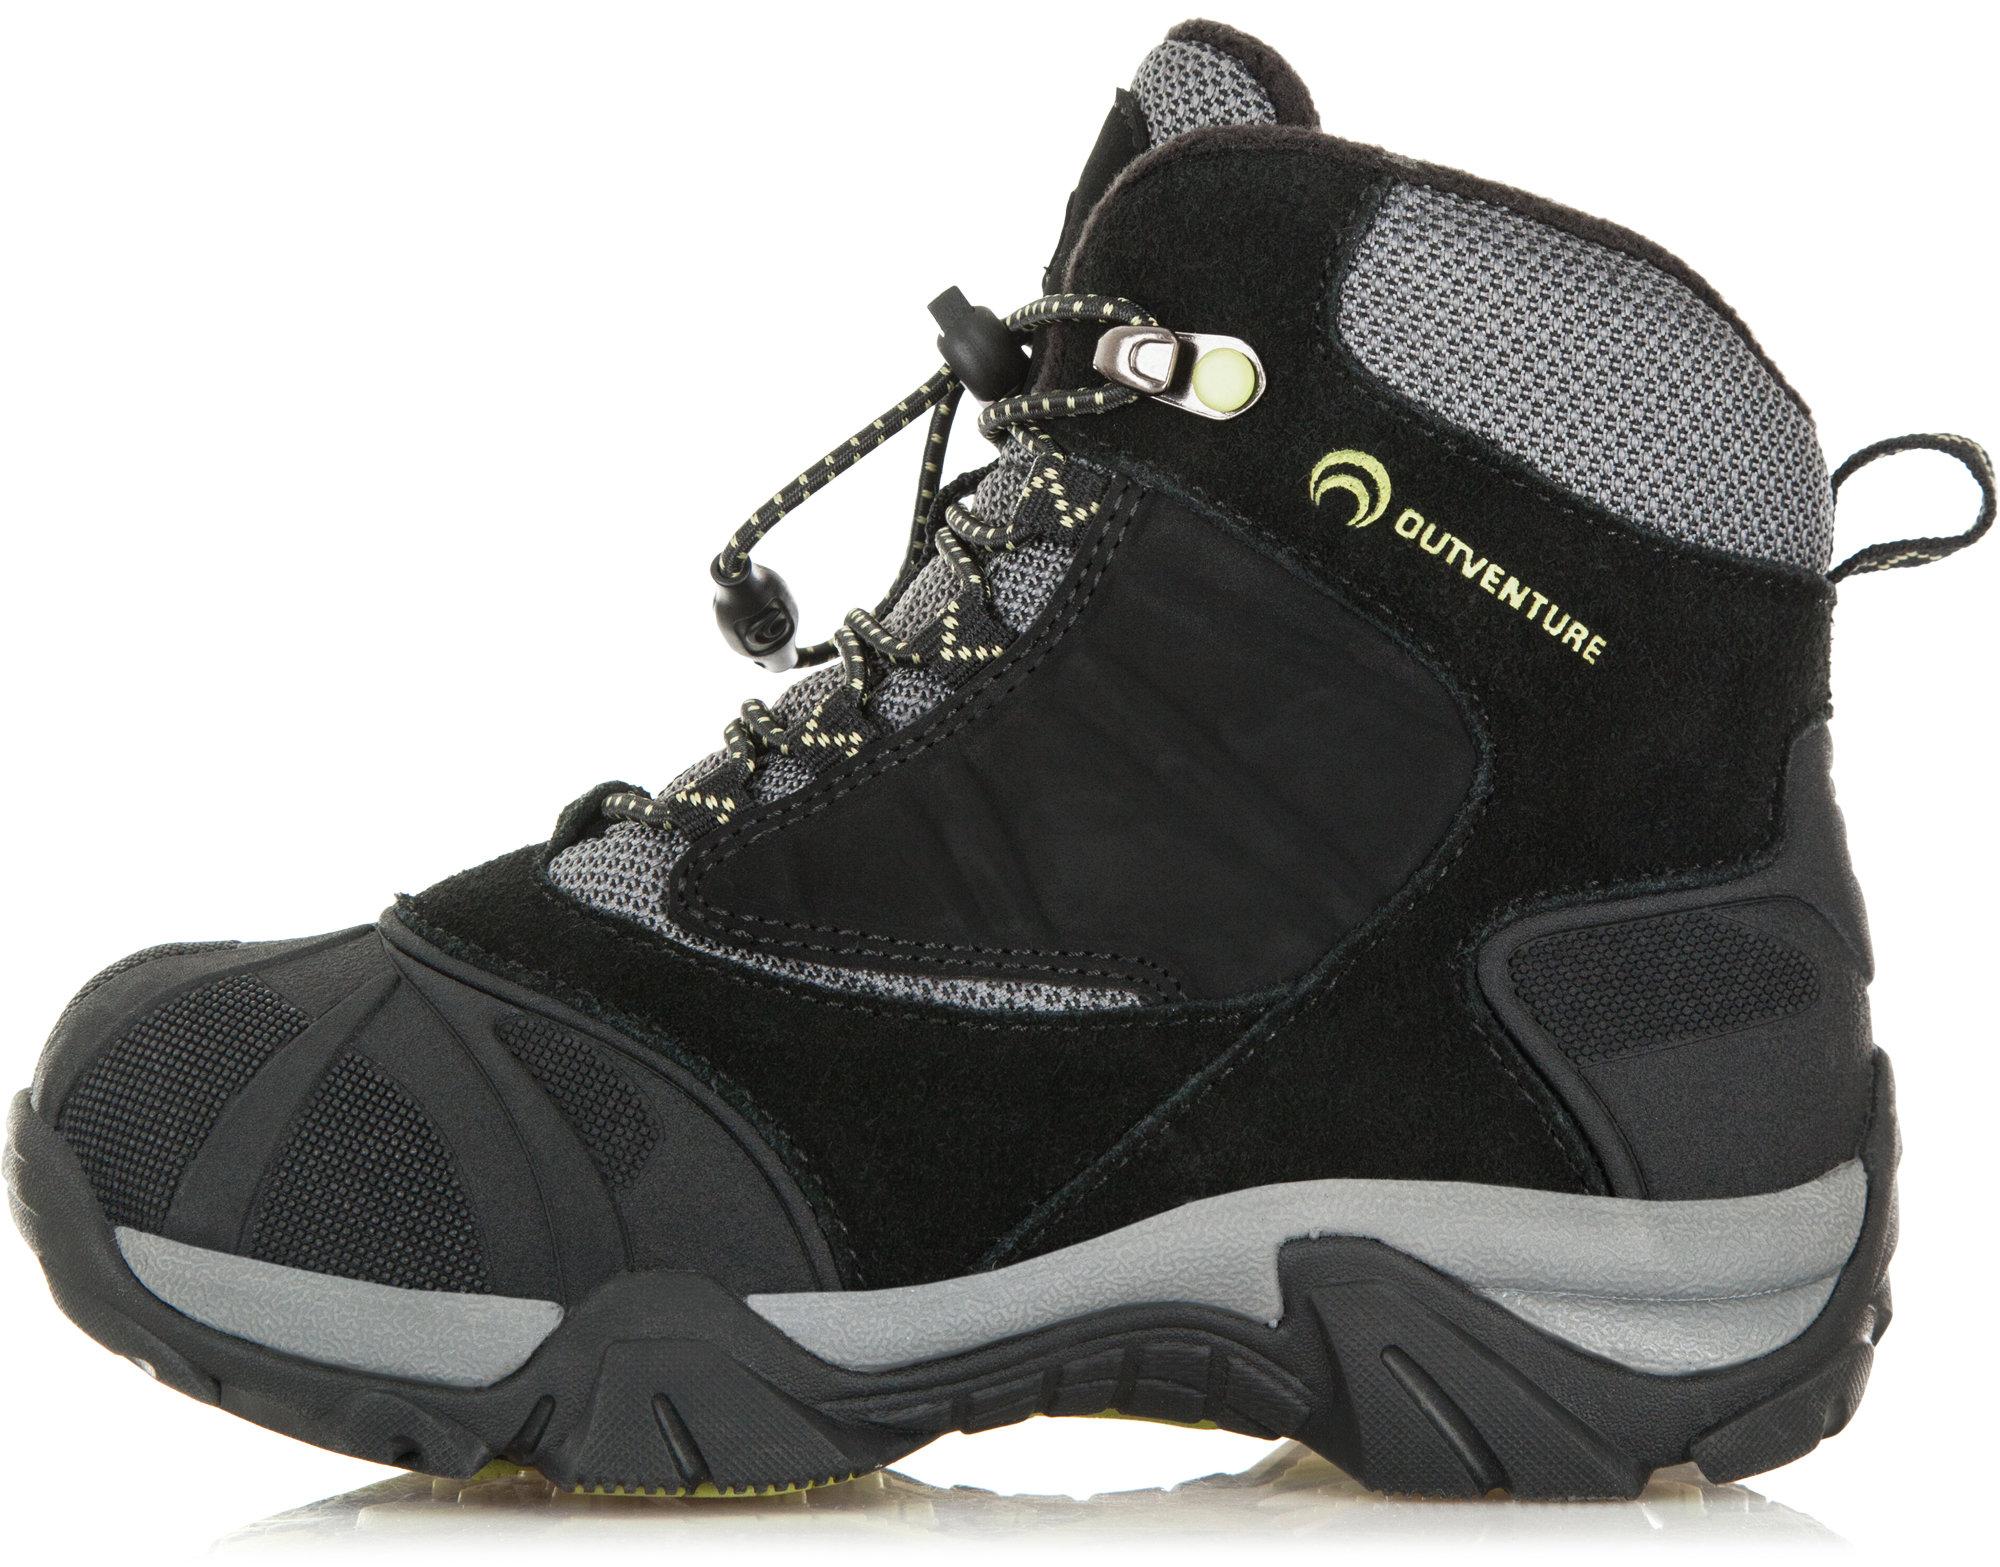 Ботинки утепленные для мальчиков Outventure Crater III, размер 30